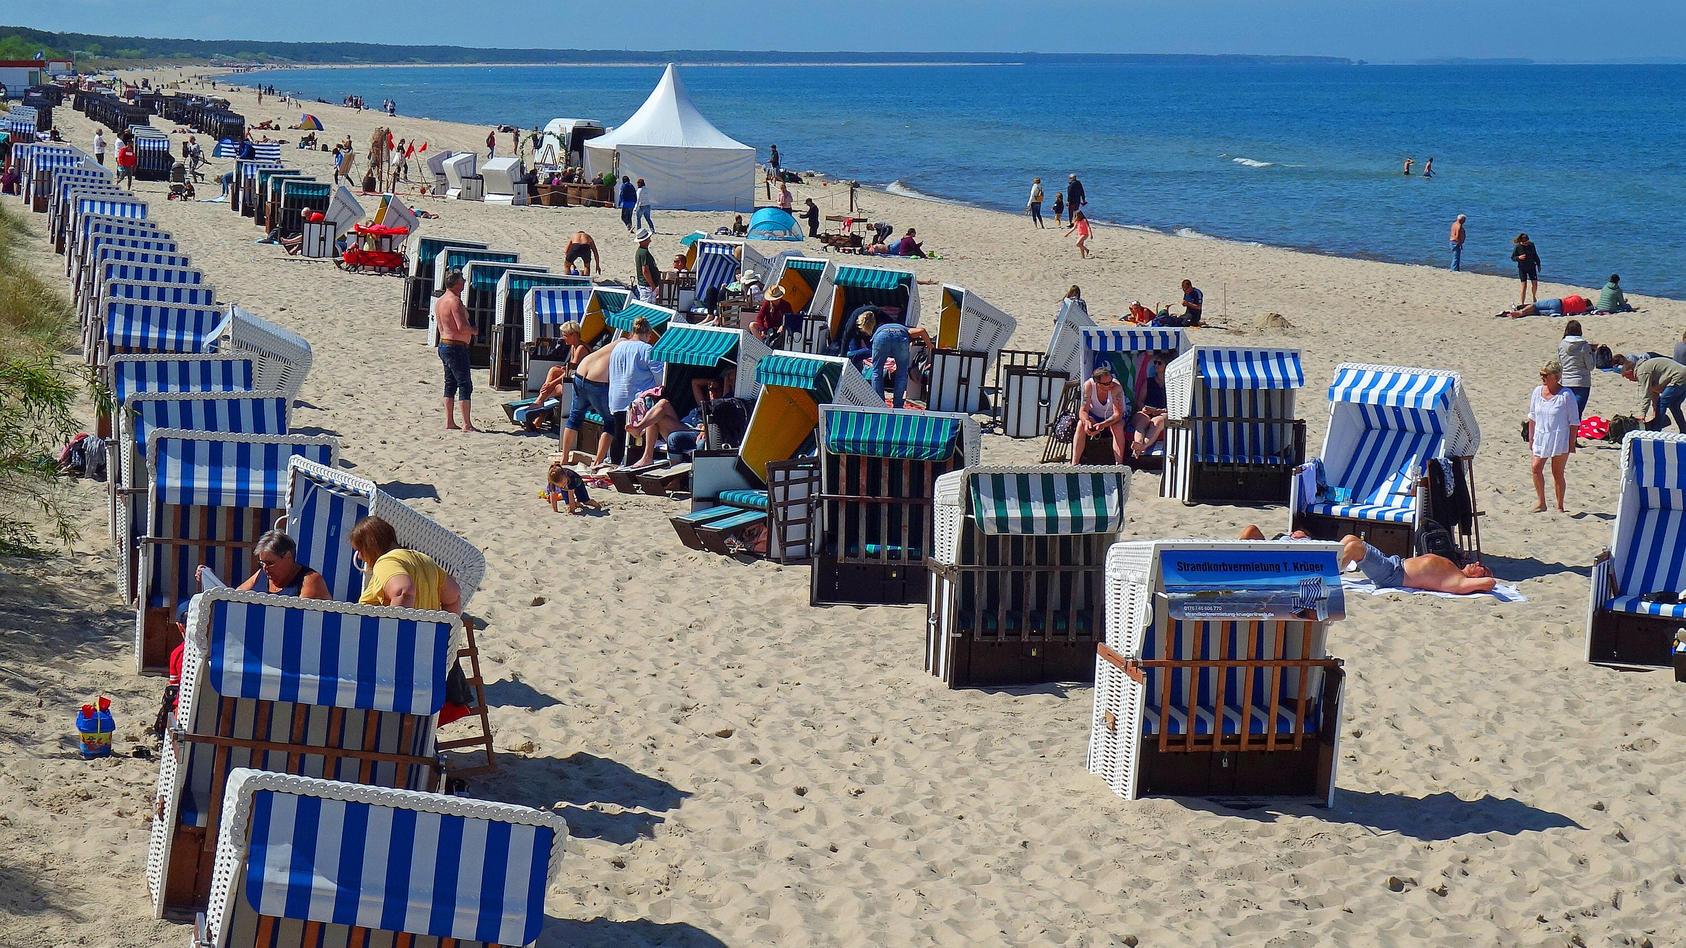 Erster Sonnentag nach der Lockerung in Mecklenburg / Vorpommern nutzten viele Urlauber und Einheimische hier in Zinnowi